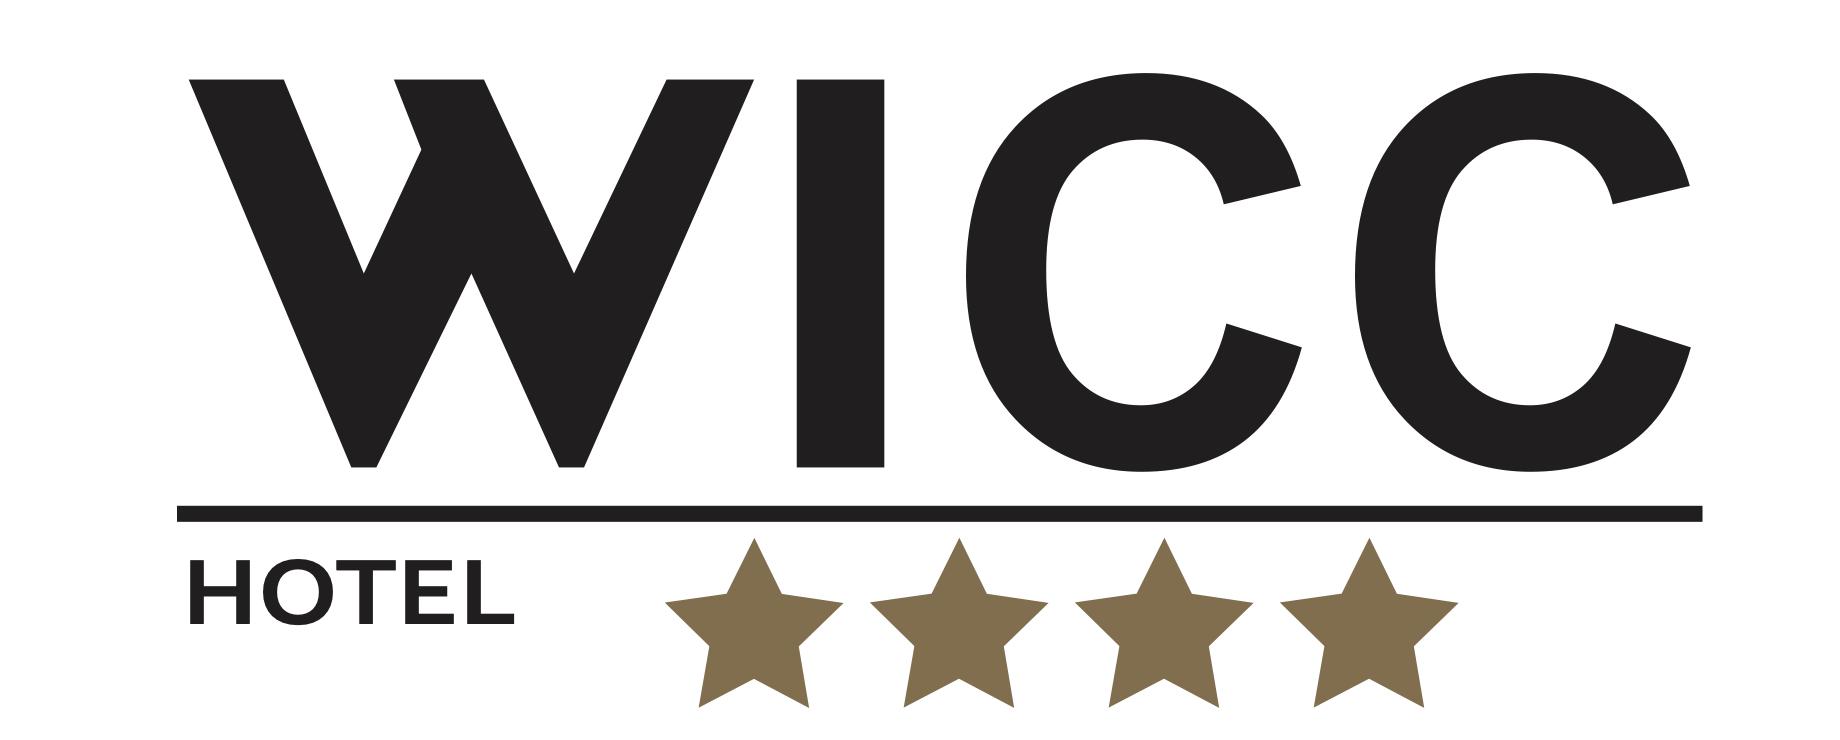 WICC Hotel & Congres - Hotel WICC staat mede dankzij de centrale ligging, landelijk bekend als de locatie bij uitstek voor alle soorten bijeenkomsten en evenementen.